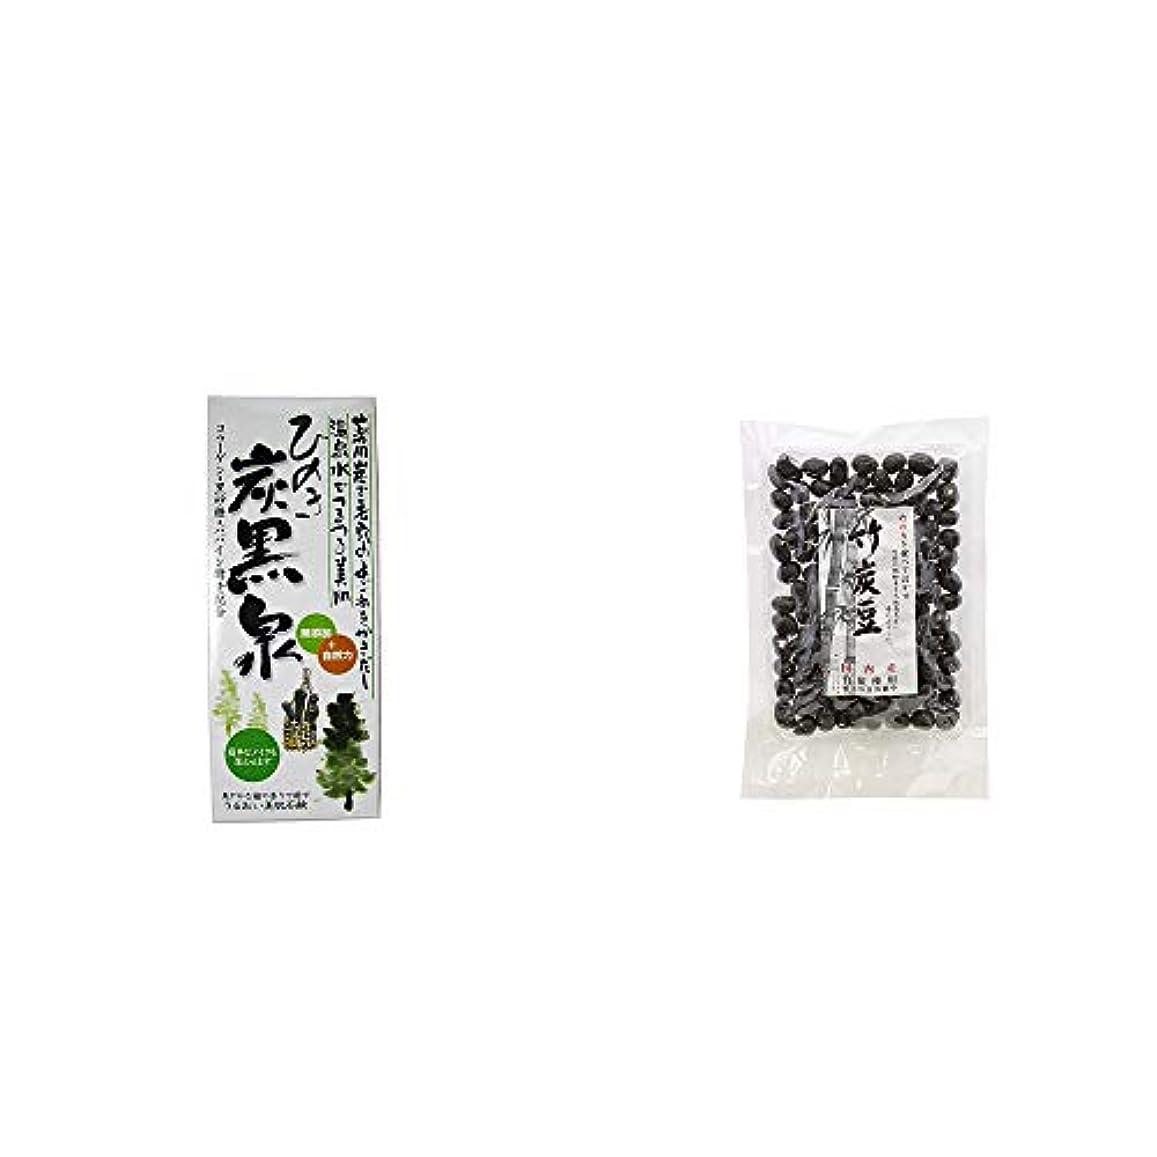 いいねスリーブまっすぐにする[2点セット] ひのき炭黒泉 箱入り(75g×3)?国内産 竹炭使用 竹炭豆(160g)